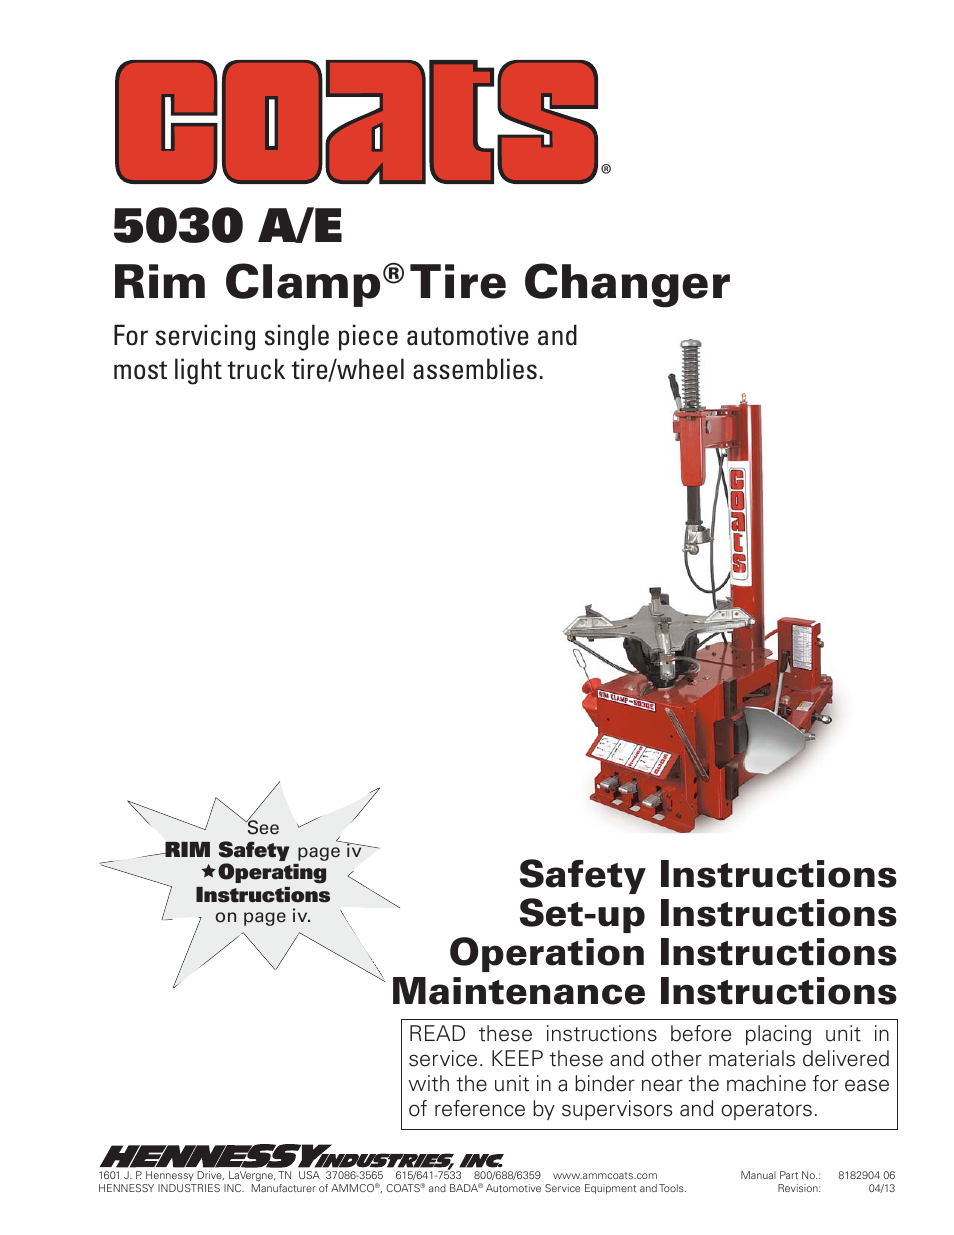 coats 5030 a e tire changer user manual 24 pages rh manualsdir com Coats Ammco Equipment Distributors Ammco Lift